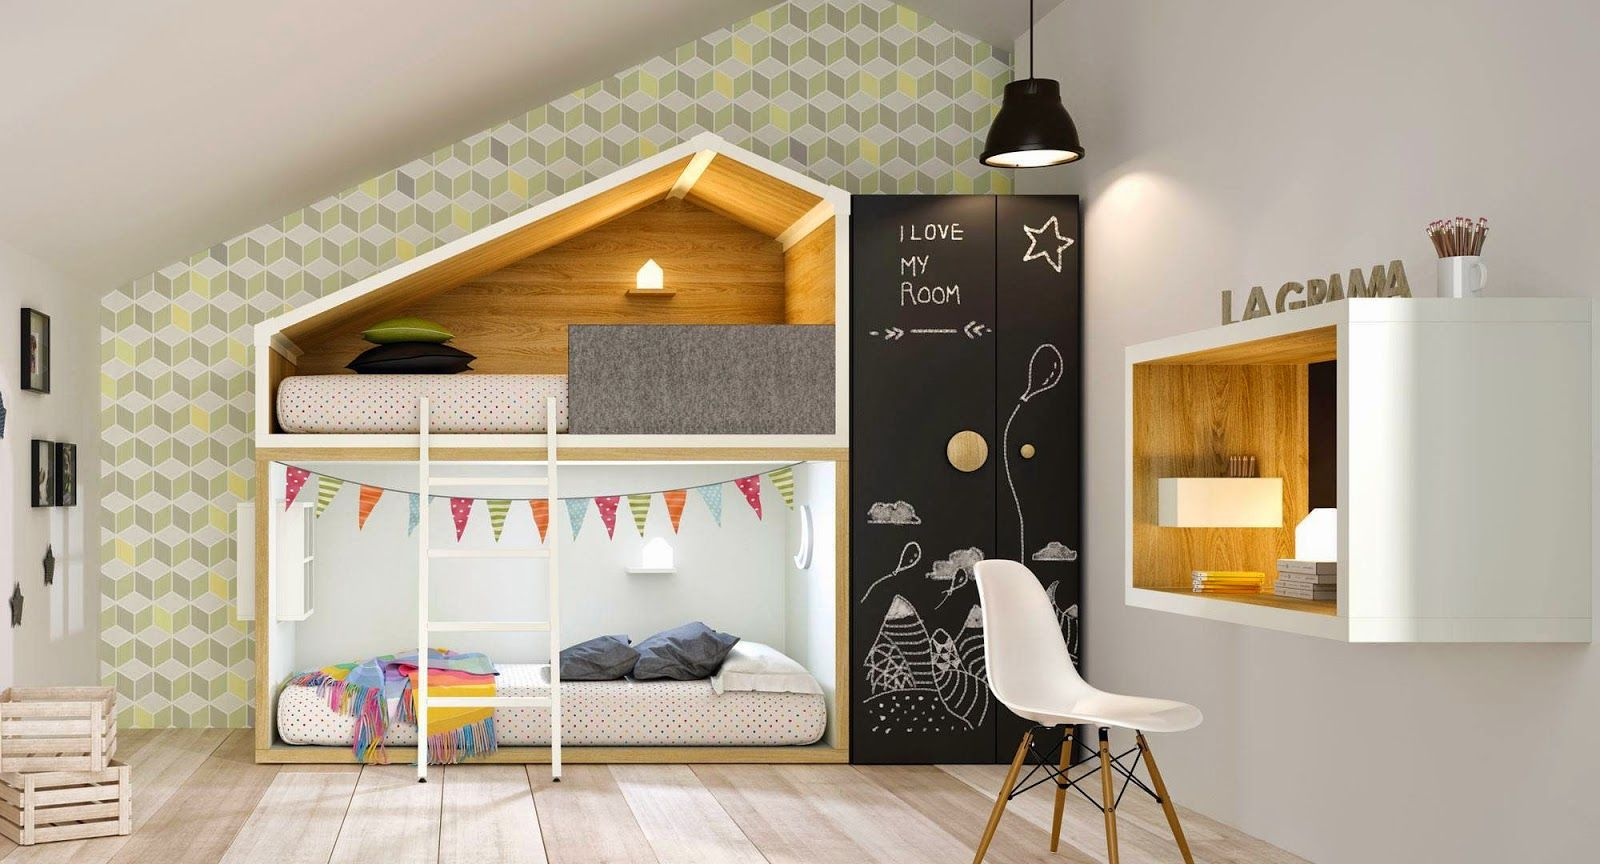 Infantiles poco espacio elegant habitacion ideas para for Muebles poco espacio